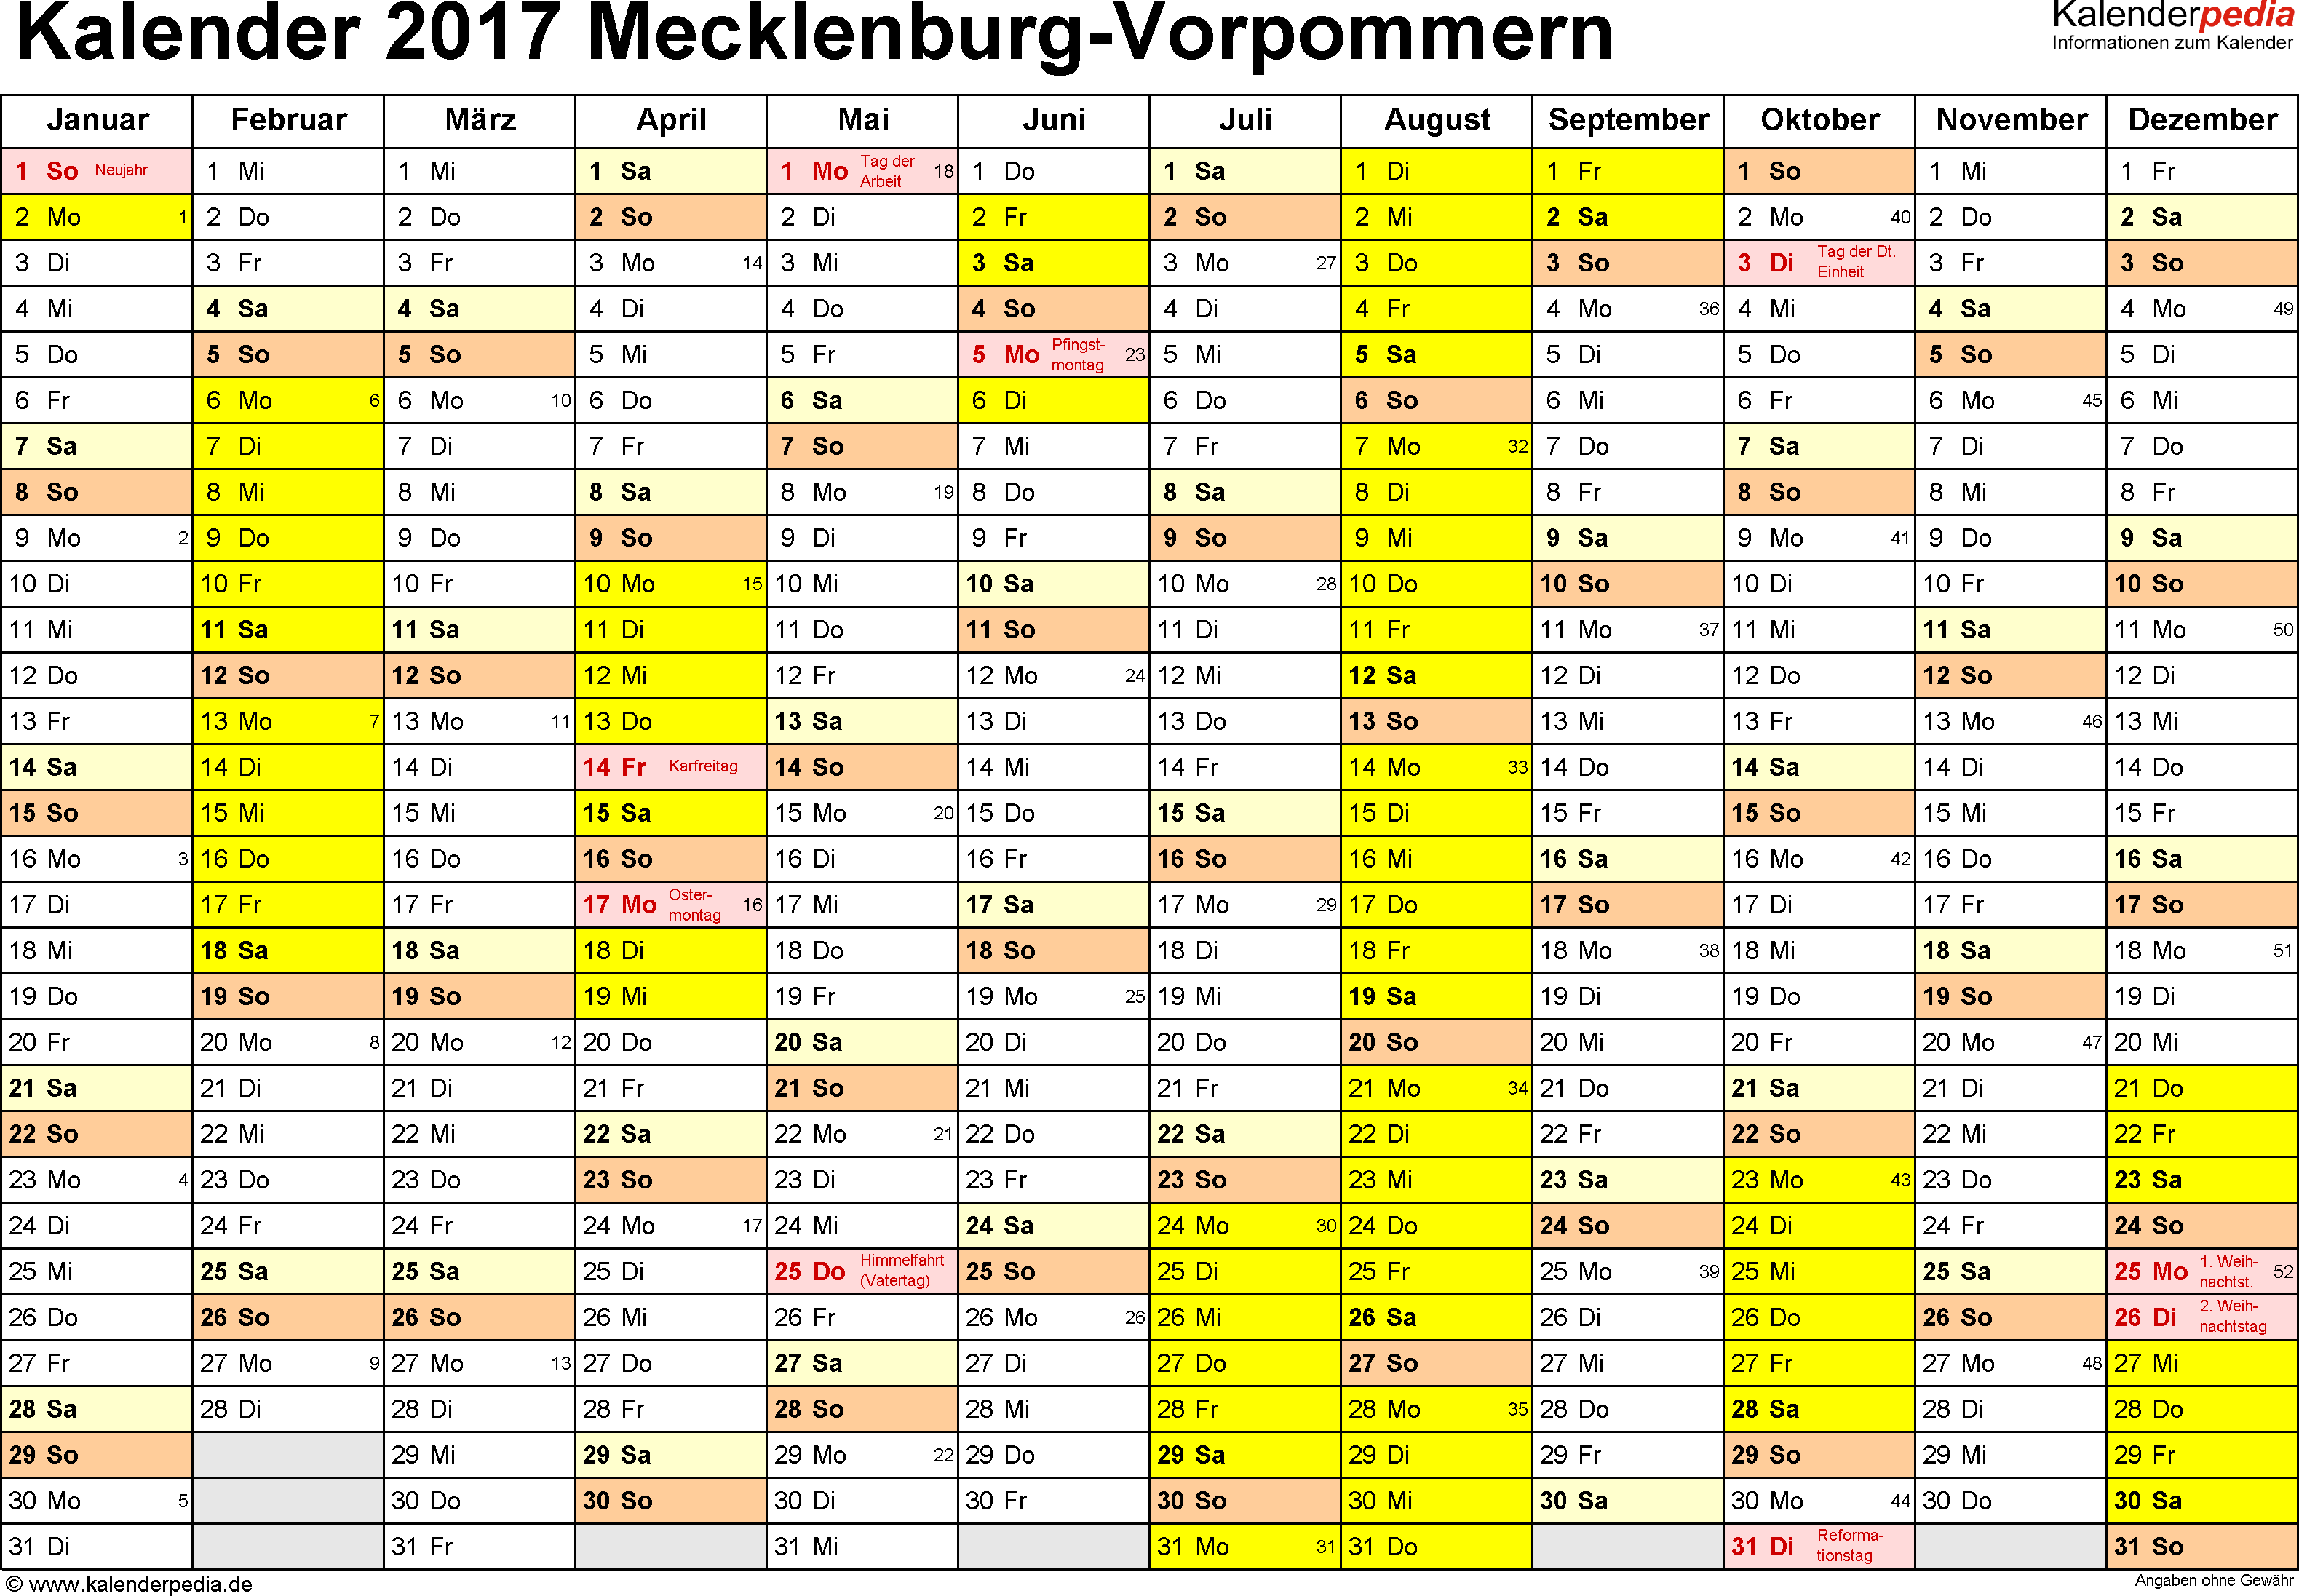 Vorlage 1: Kalender 2017 für Mecklenburg-Vorpommern als Word-Vorlagen (Querformat, 1 Seite)